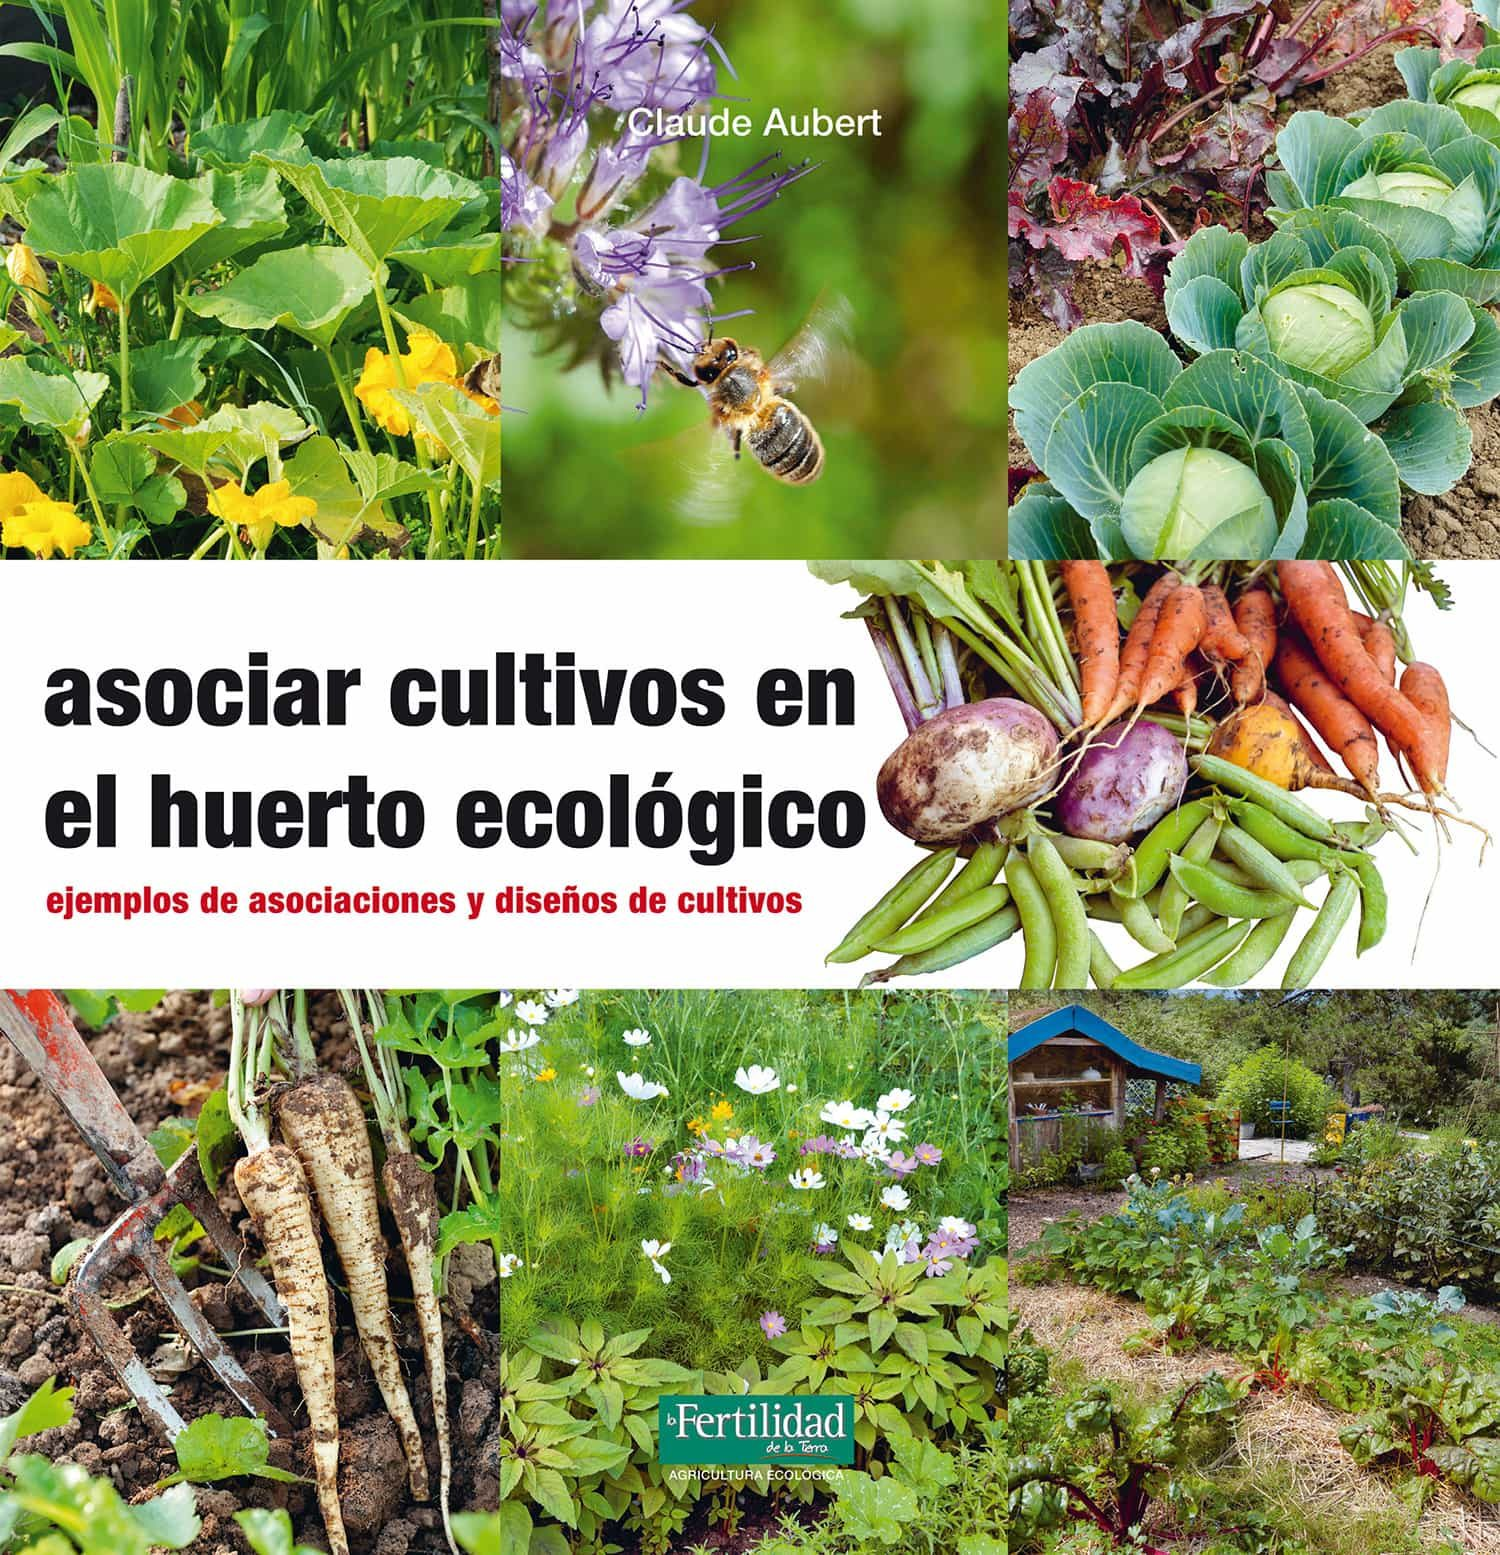 asociar cultivos en el huerto ecologico-claude aubert-9788494433436